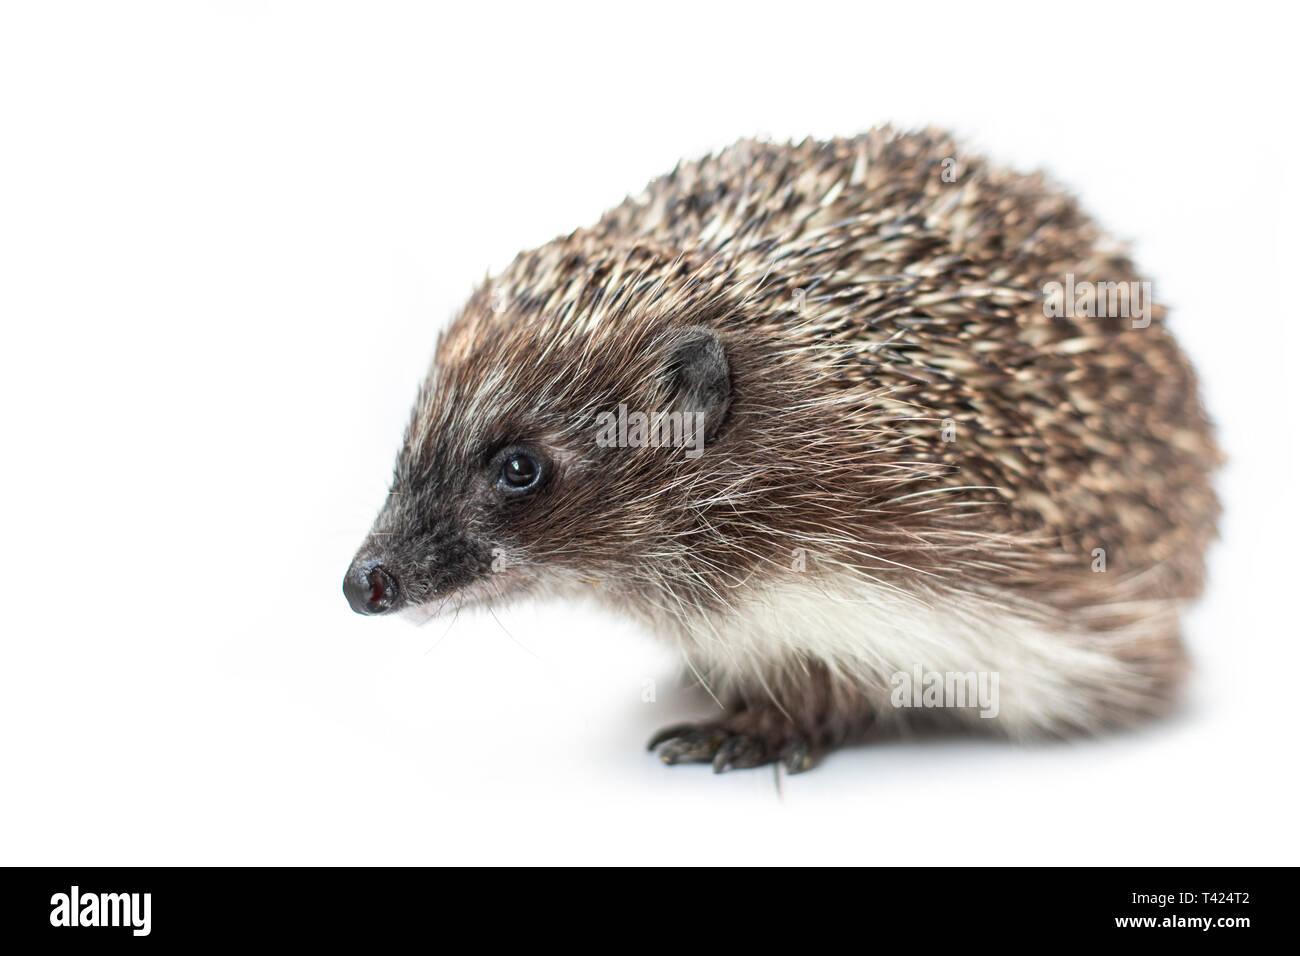 Funny hedgehog isolated on white background - Stock Image